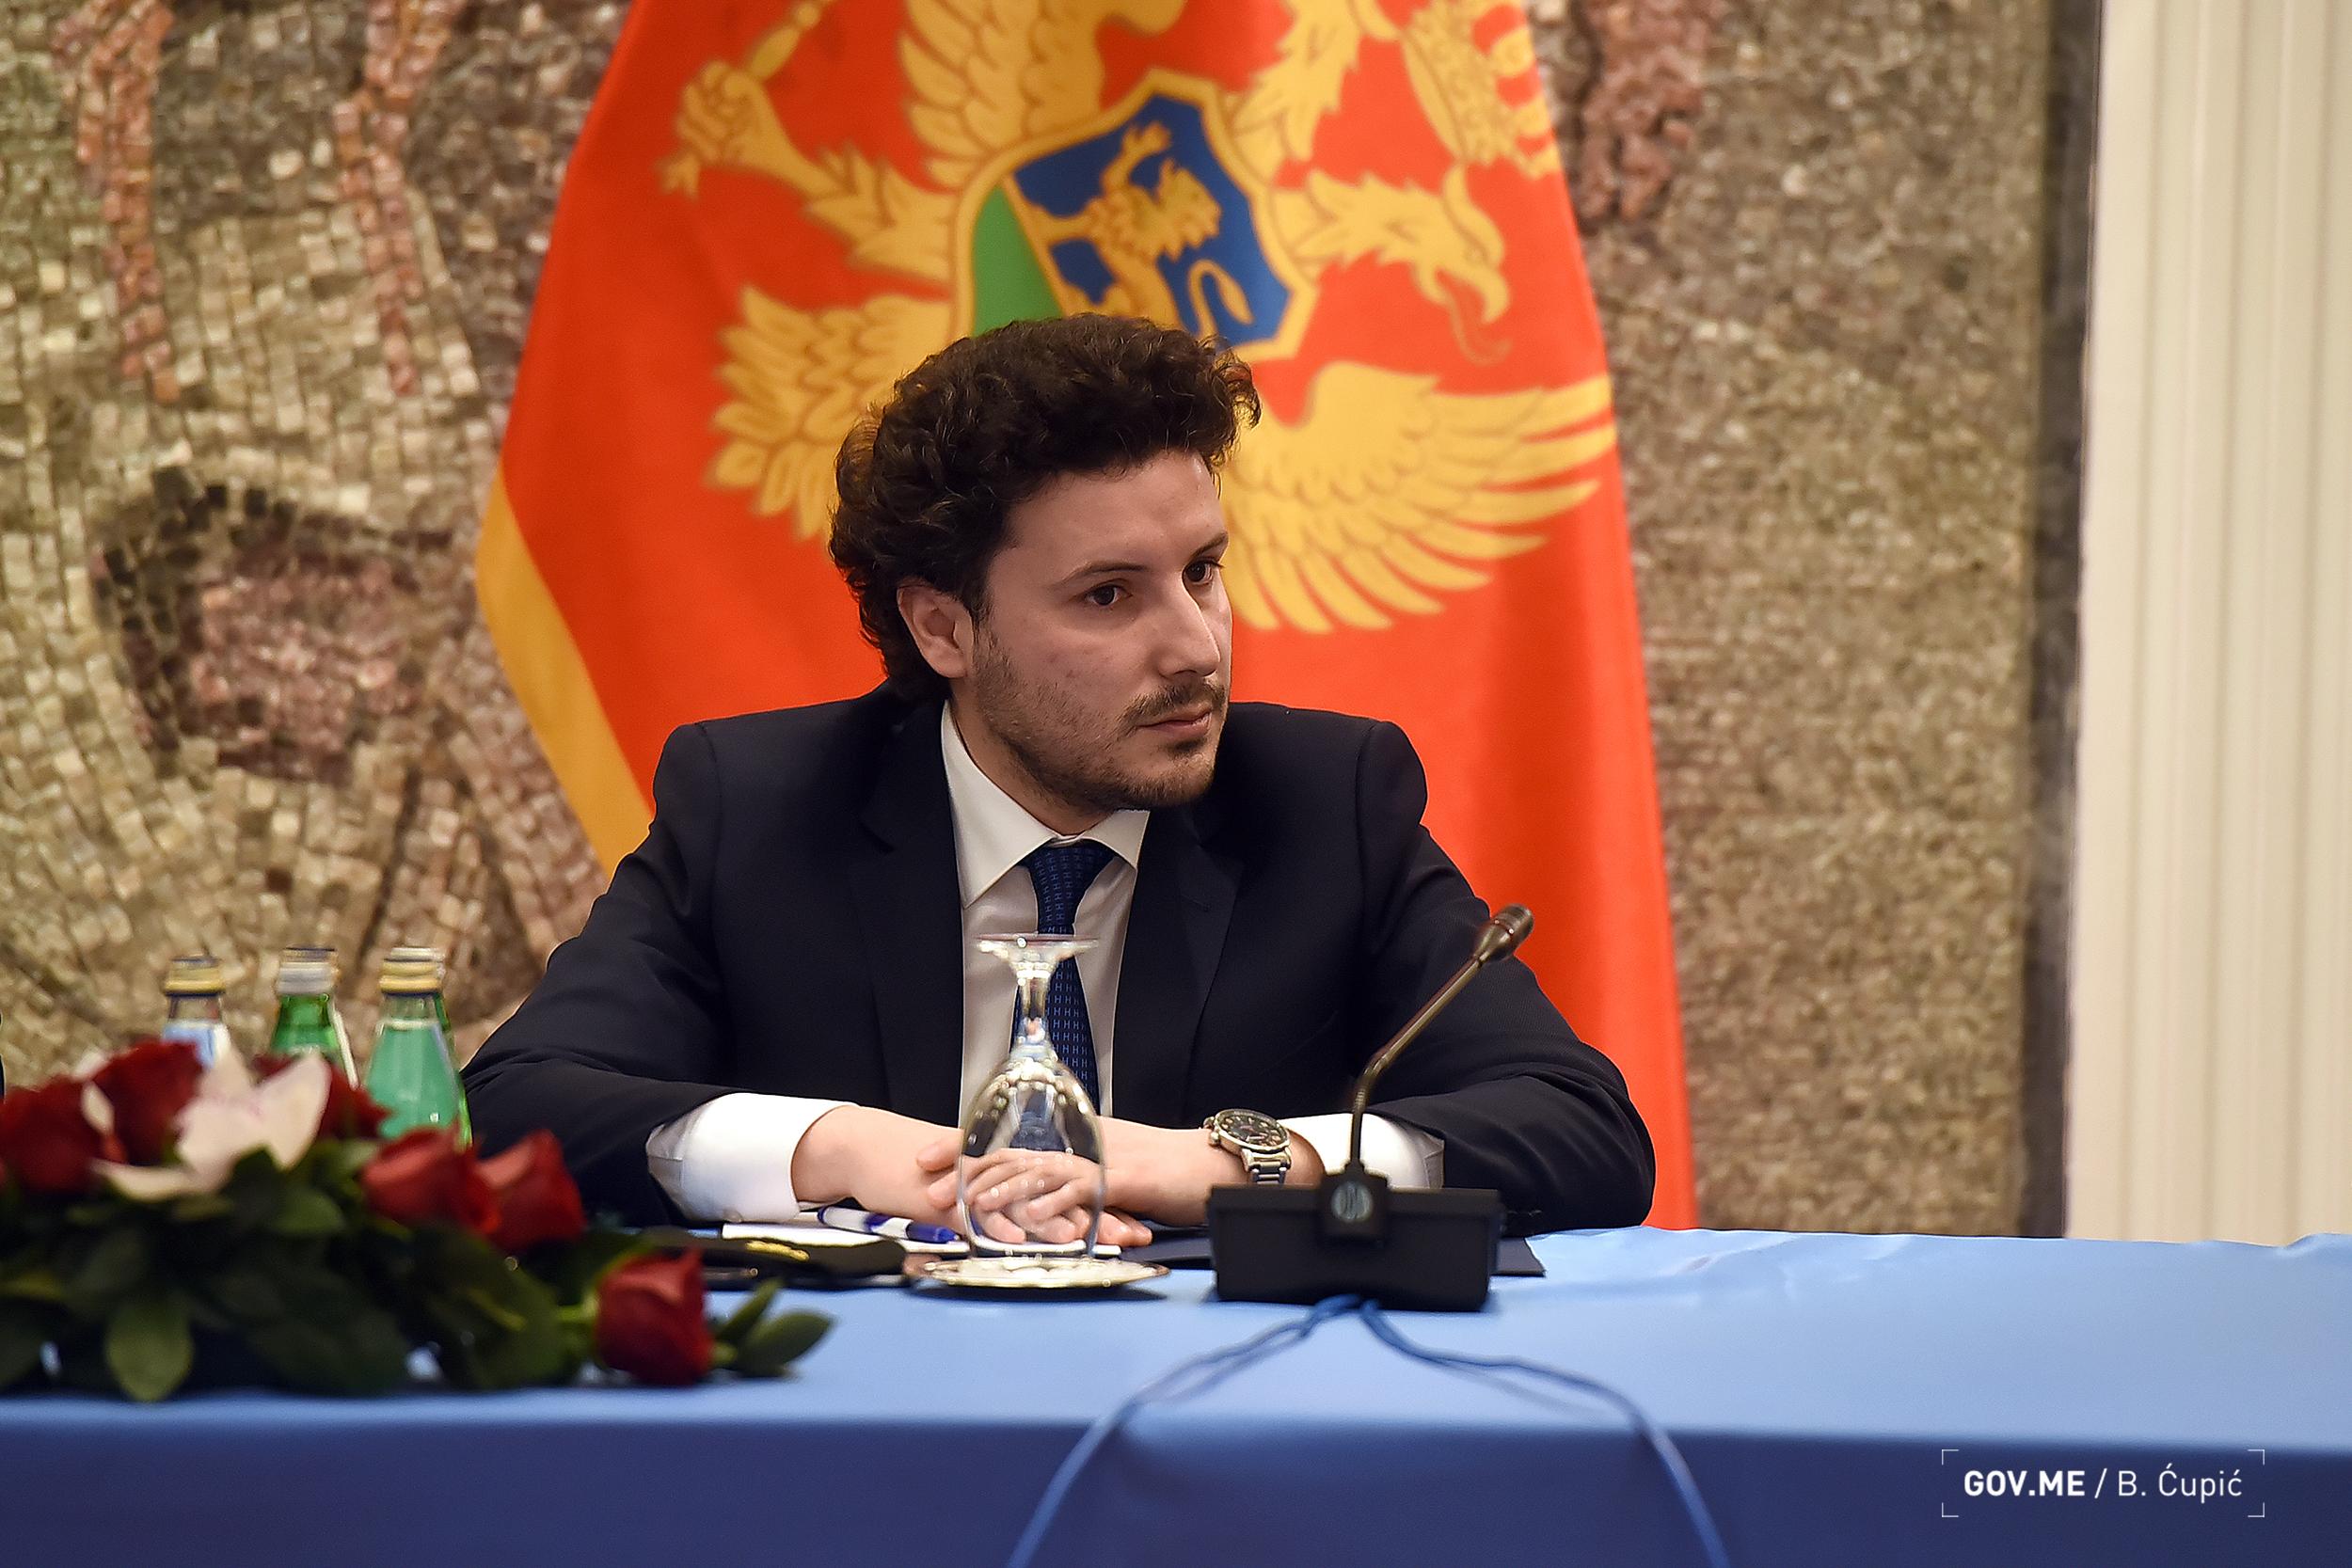 Abazović: Ako neko misli da treba da sruši Vladu neka je sruši, Krivokapić ima moju podršku